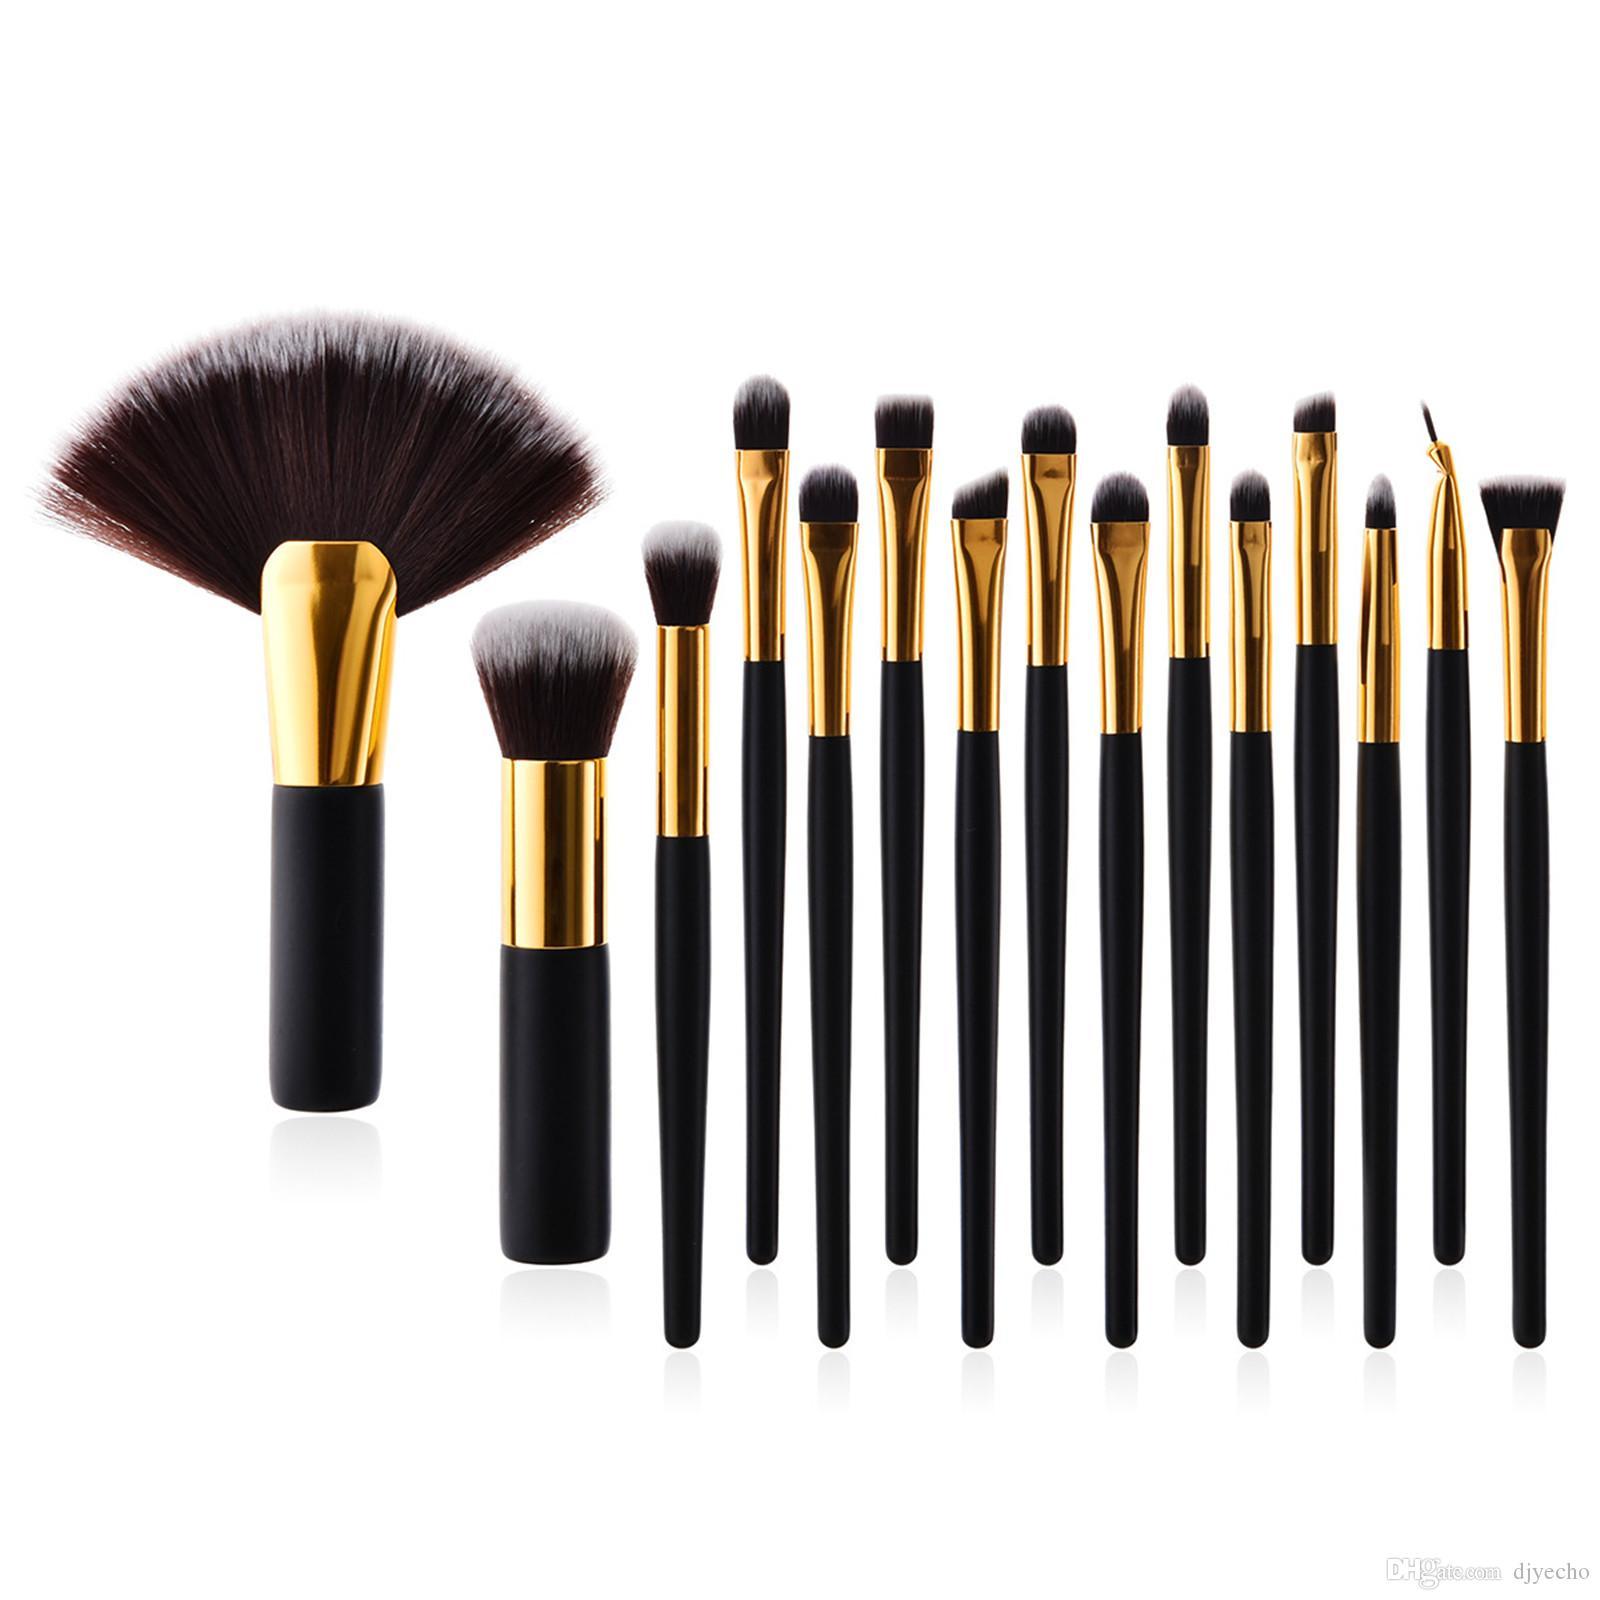 15 Adet Makyaj Fırçalar Seti Profesyonel Pudra Fondöten Karıştırma Göz Farı Yüz Makyaj Kozmetik Güzellik Araçları Kitleri